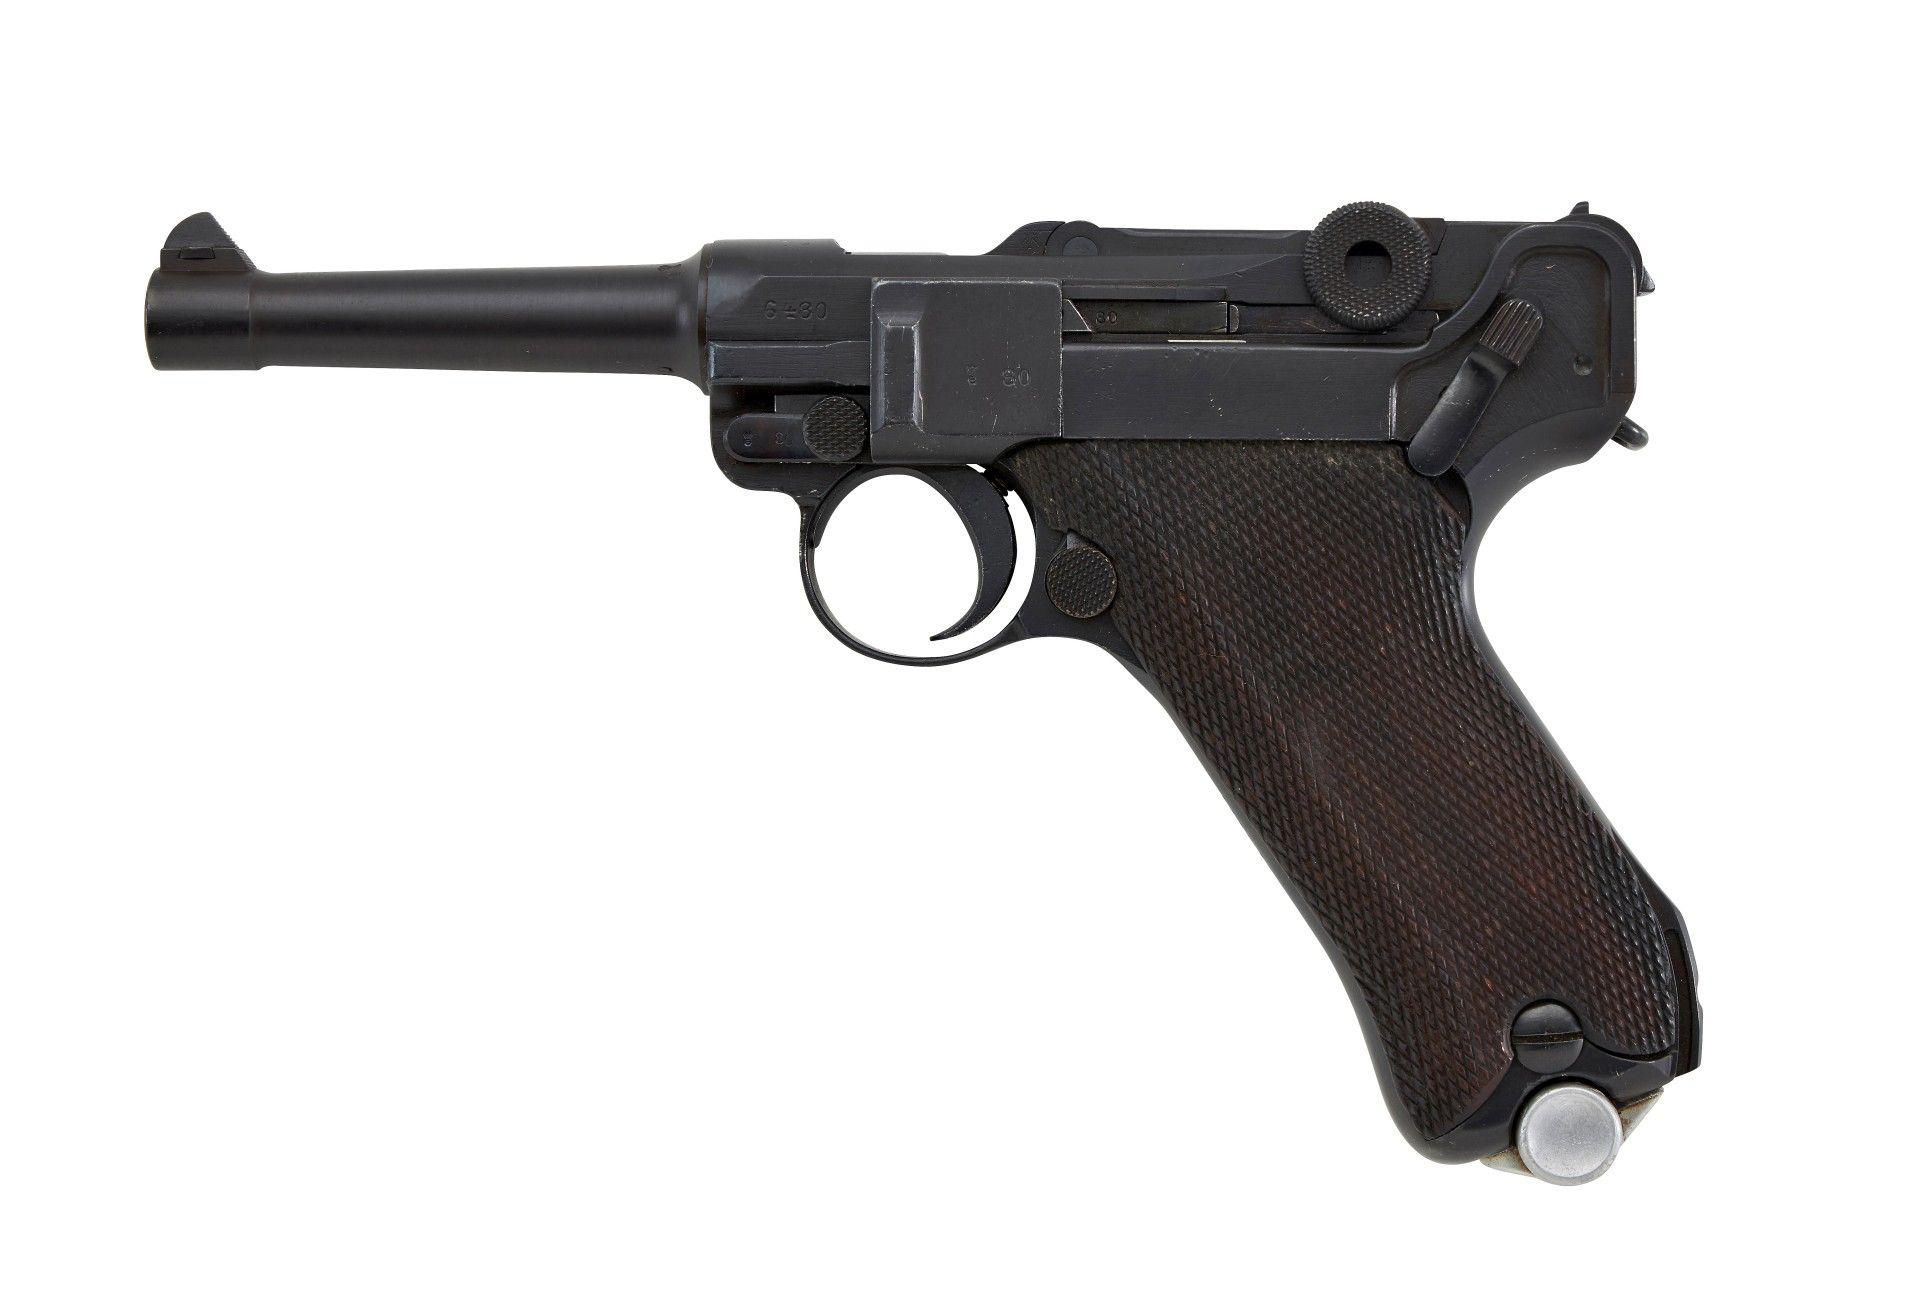 Halbautomatische Pistole Mod.: P. 08 Herst.: SIMSON & Co. SUHL Baujahr: ohne Angabe S.Nr.: 6480 ...